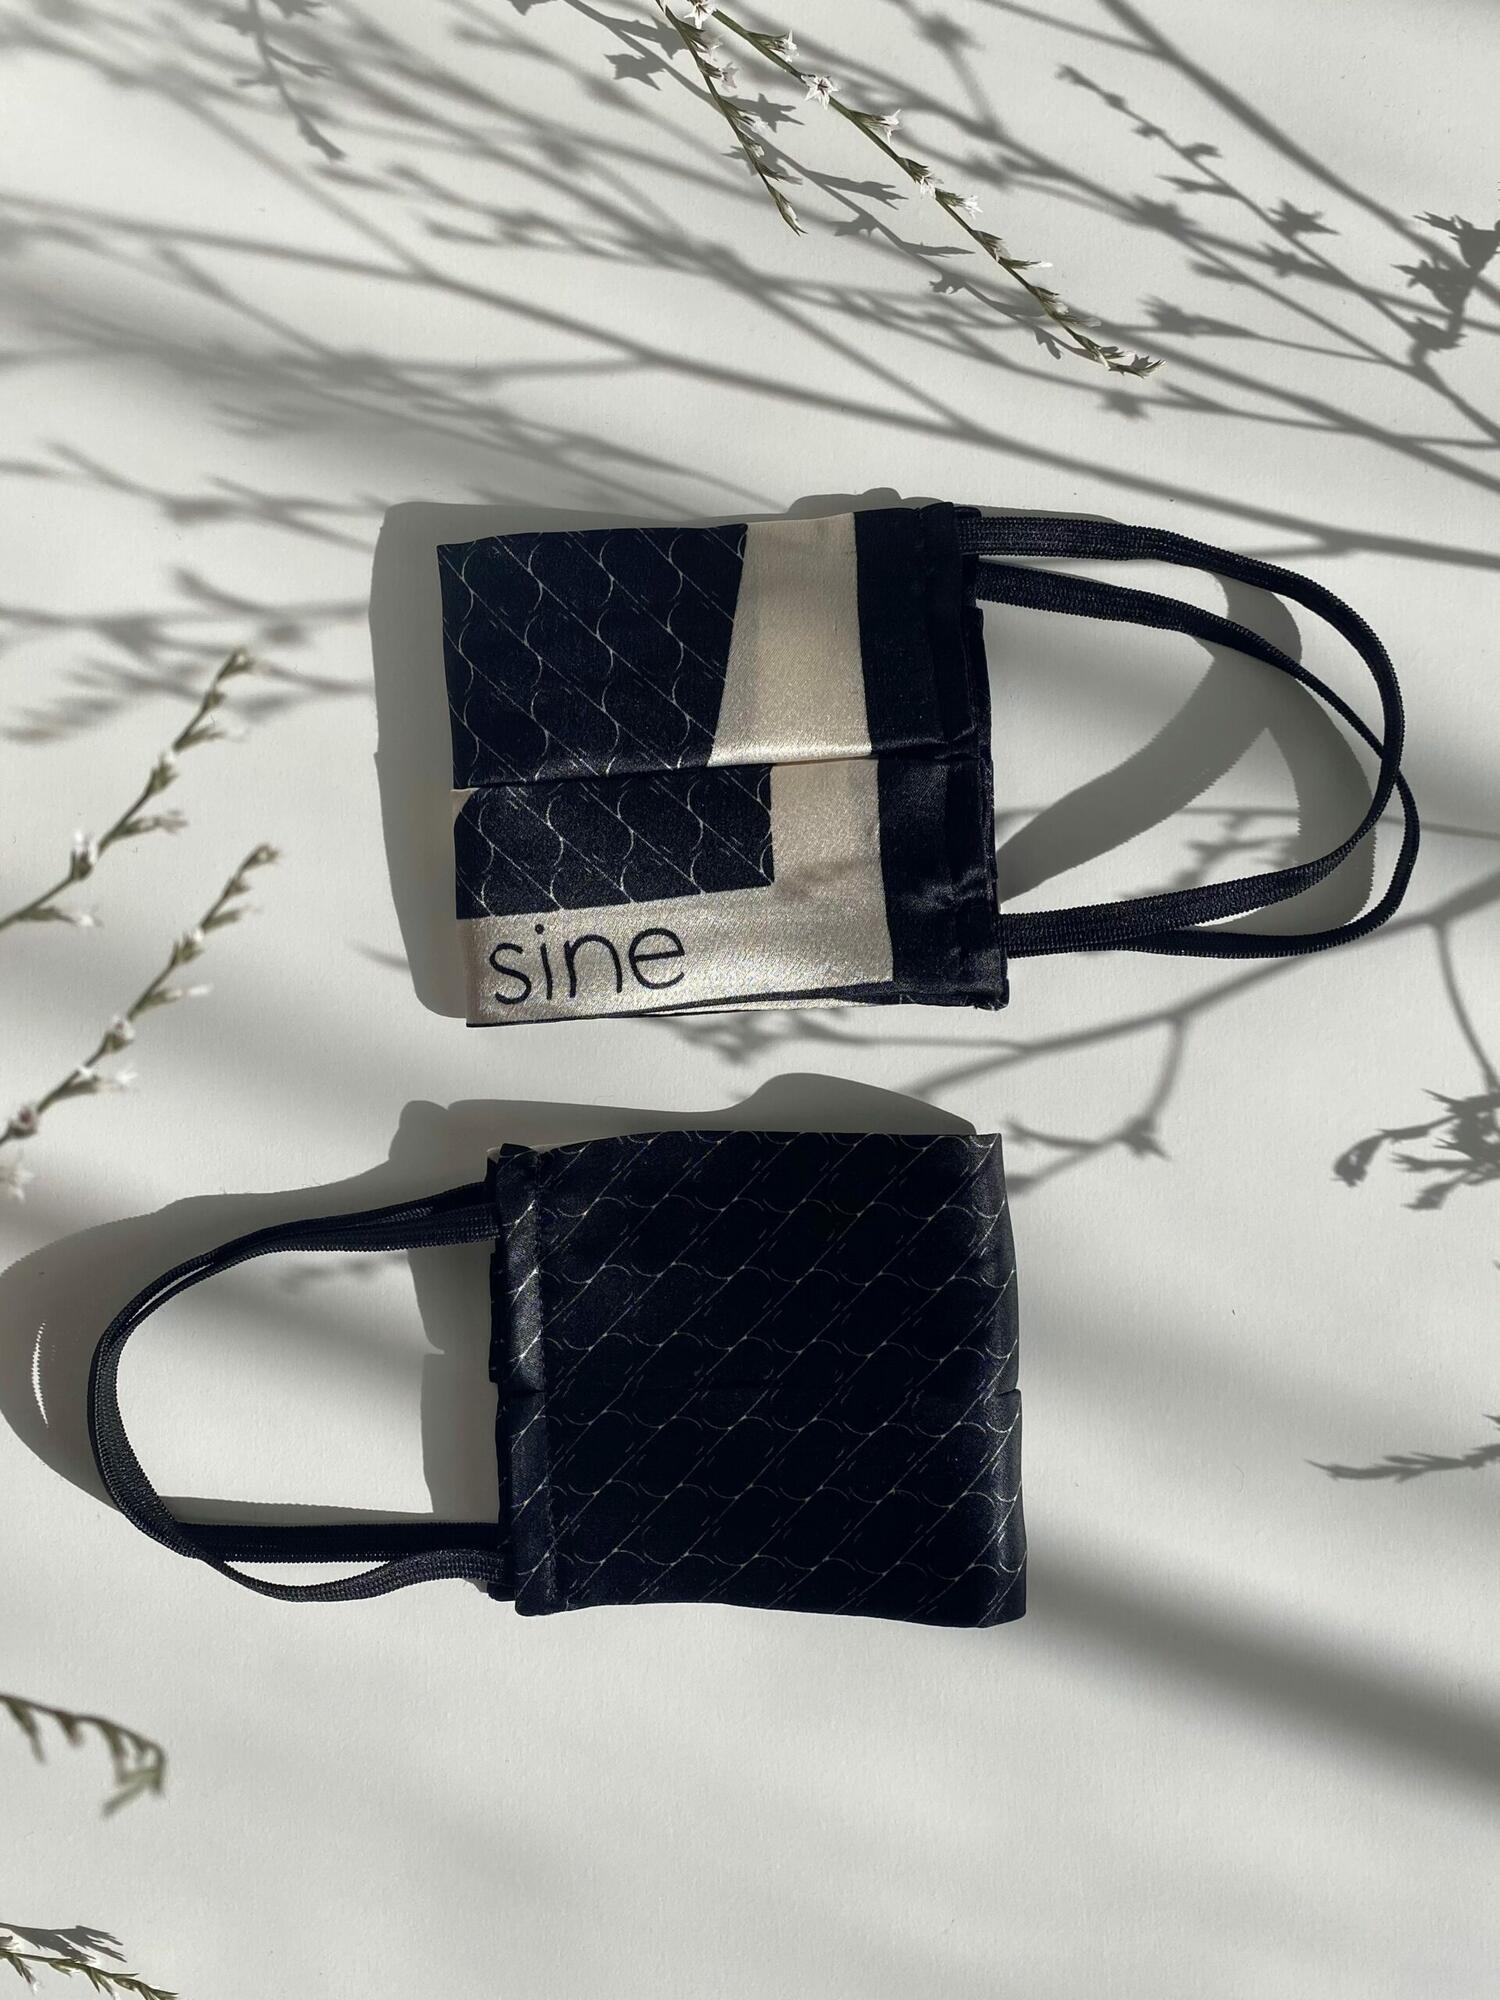 Jedwabna maseczka Sine Silk   BLACK - Sine Silk   JestemSlow.pl